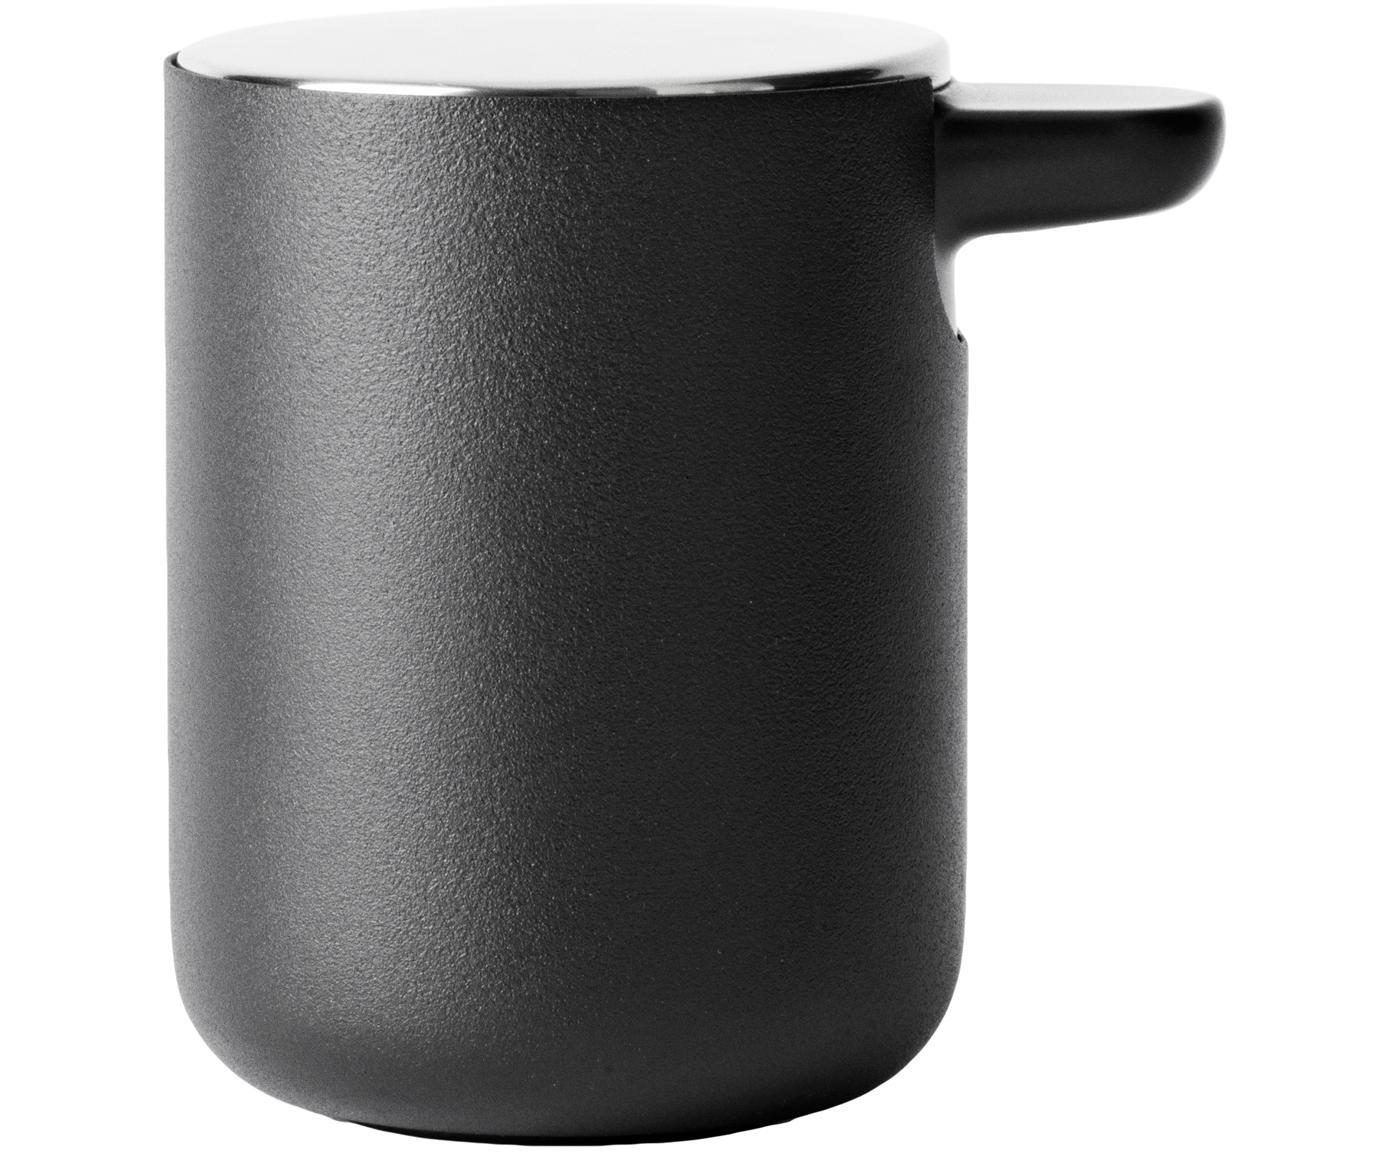 Dispenser sapone con coperchio in metallo Matty, Metallo, materiale sintetico, Nero, Ø 11 x Alt. 11 cm